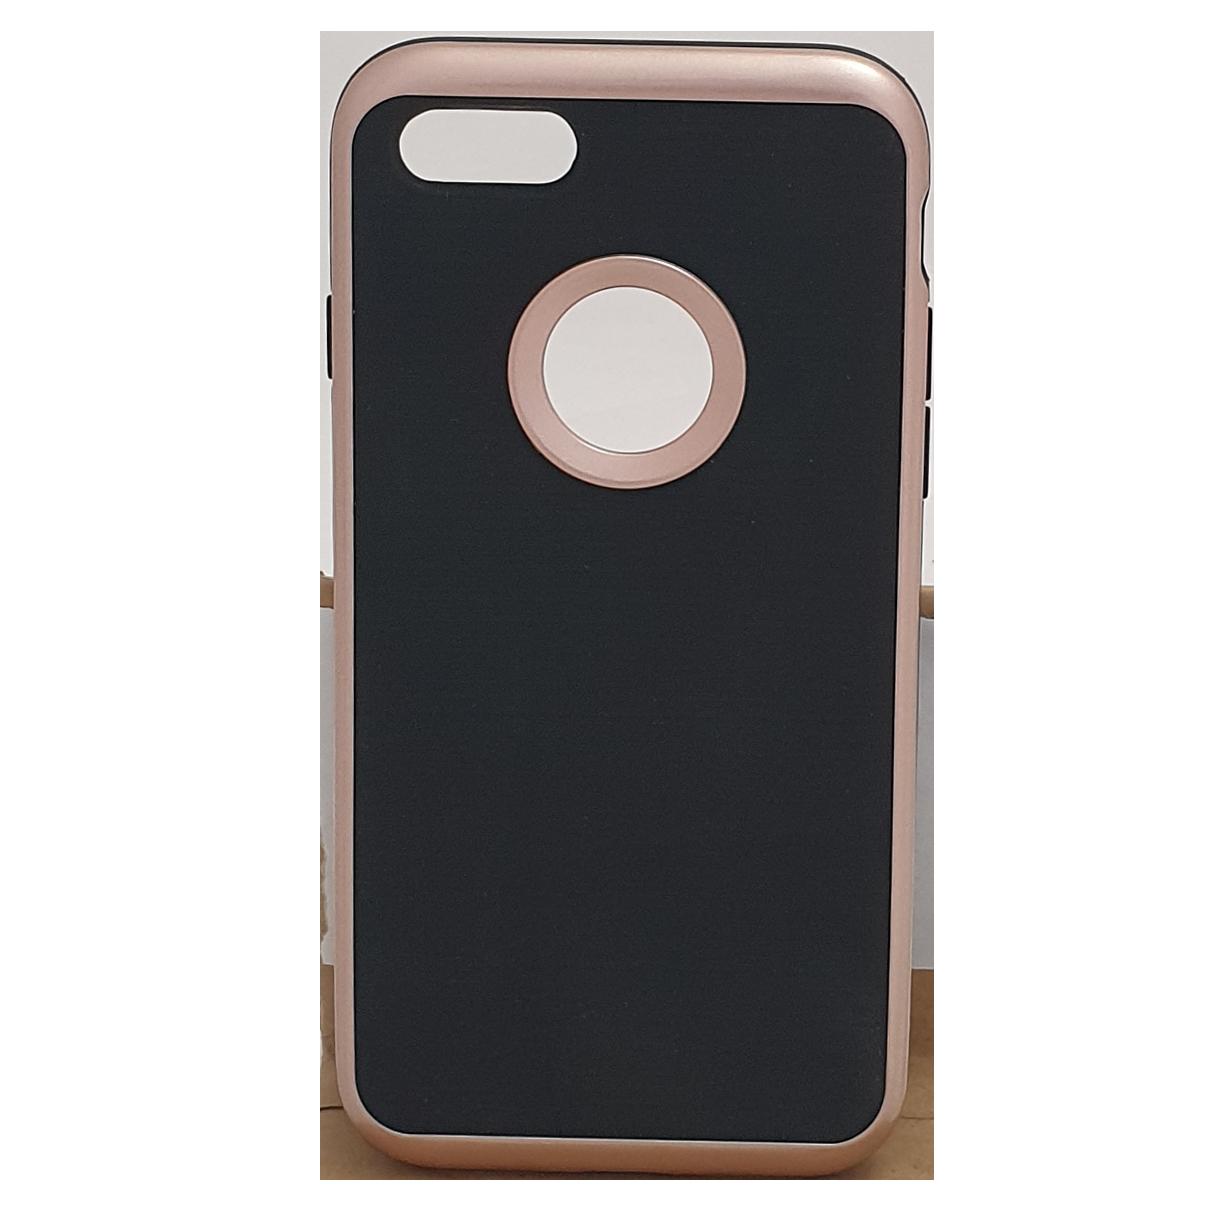 Mobilskal iPhone 6 / 6S Svart, Rosguld